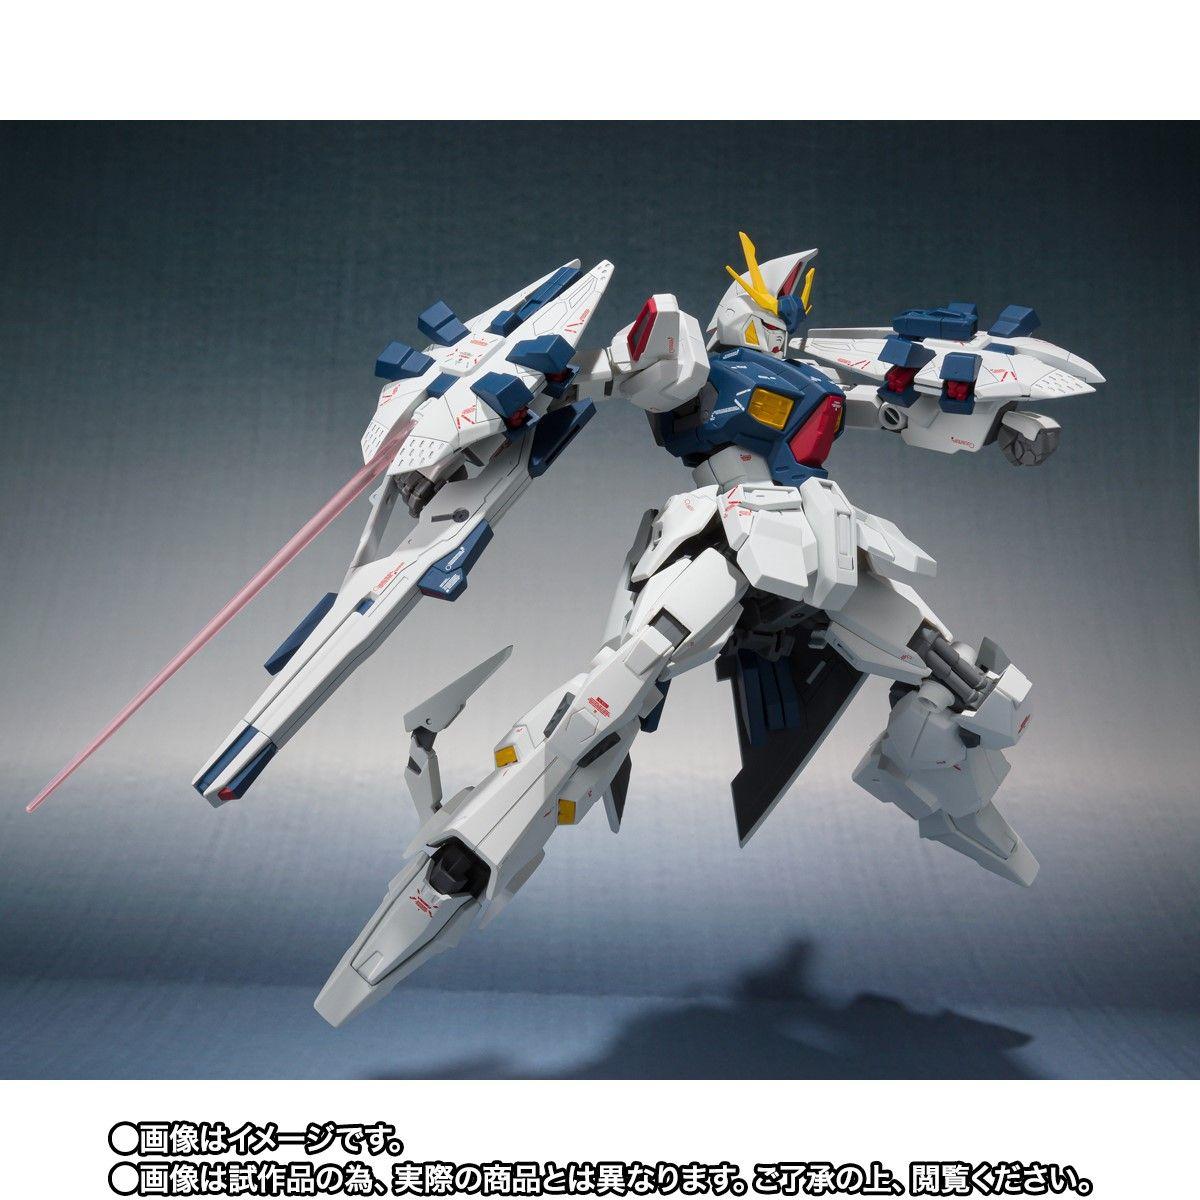 【限定販売】ROBOT魂 Ka signature〈SIDE MS〉『ペーネロペー(機動戦士ガンダム 閃光のハサウェイVer.)』可動フィギュア-008